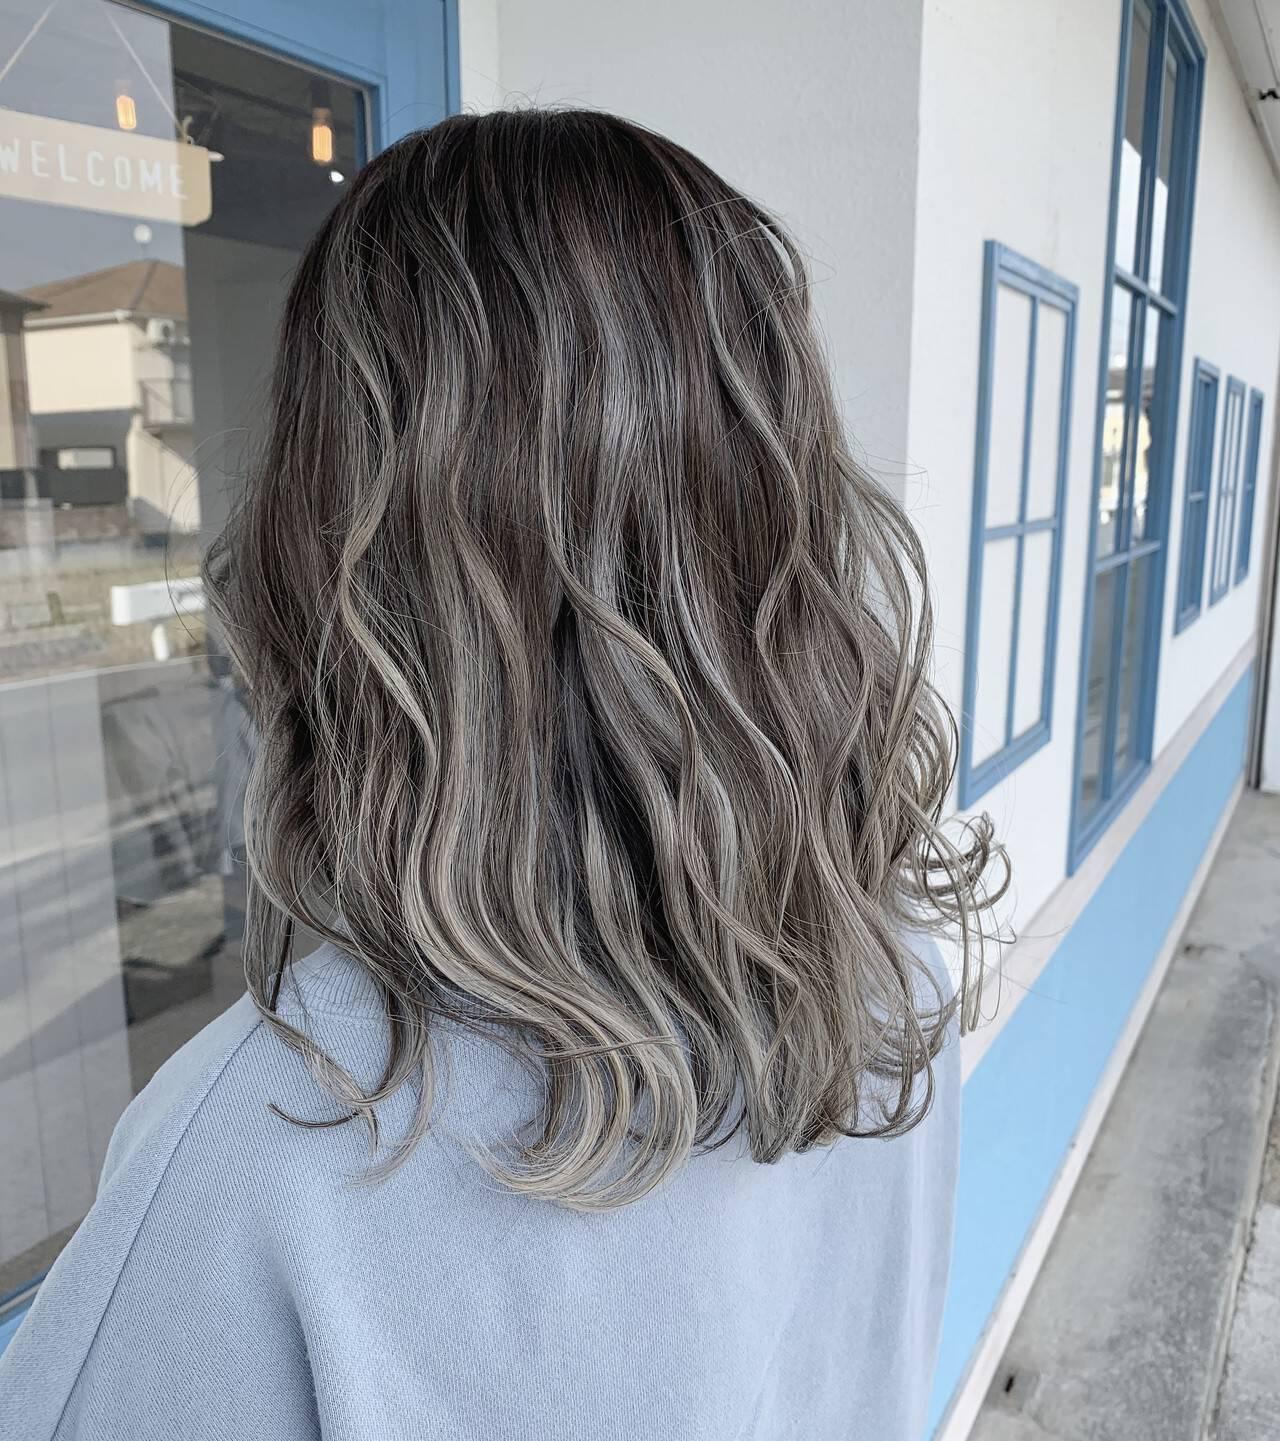 ダブルカラー 圧倒的透明感 透明感カラー 3Dハイライトヘアスタイルや髪型の写真・画像